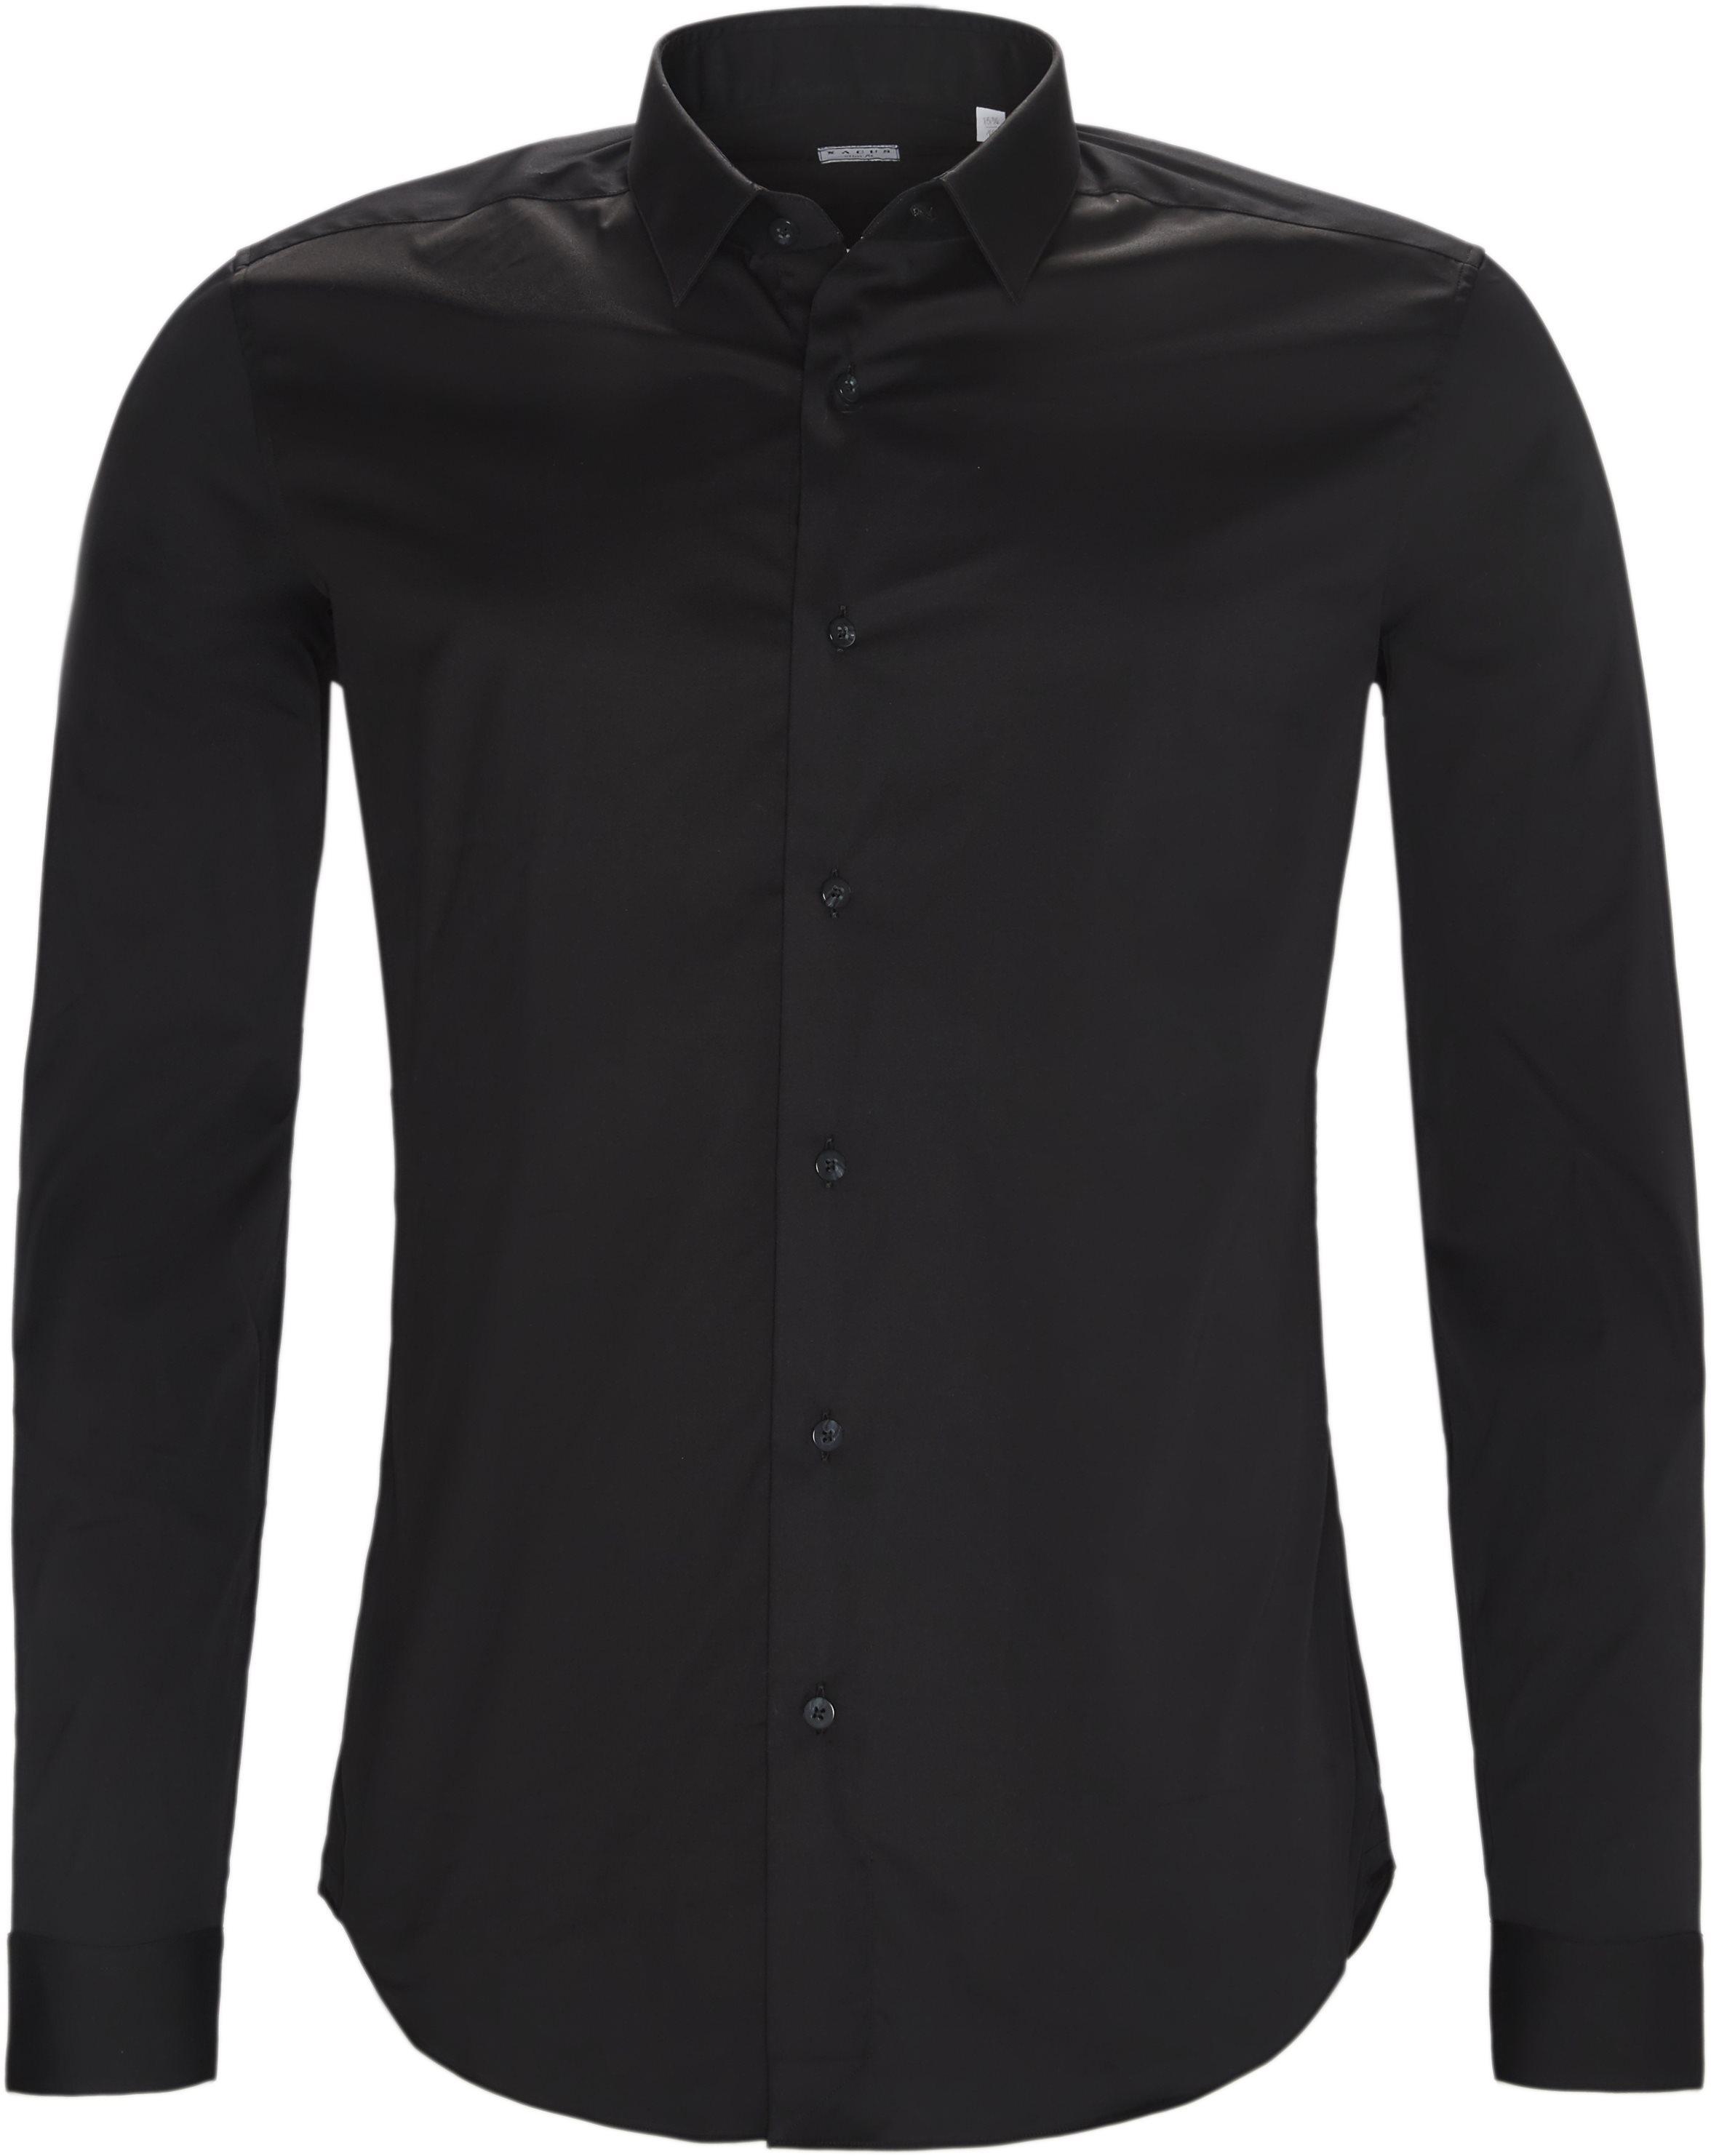 Shirts - Black